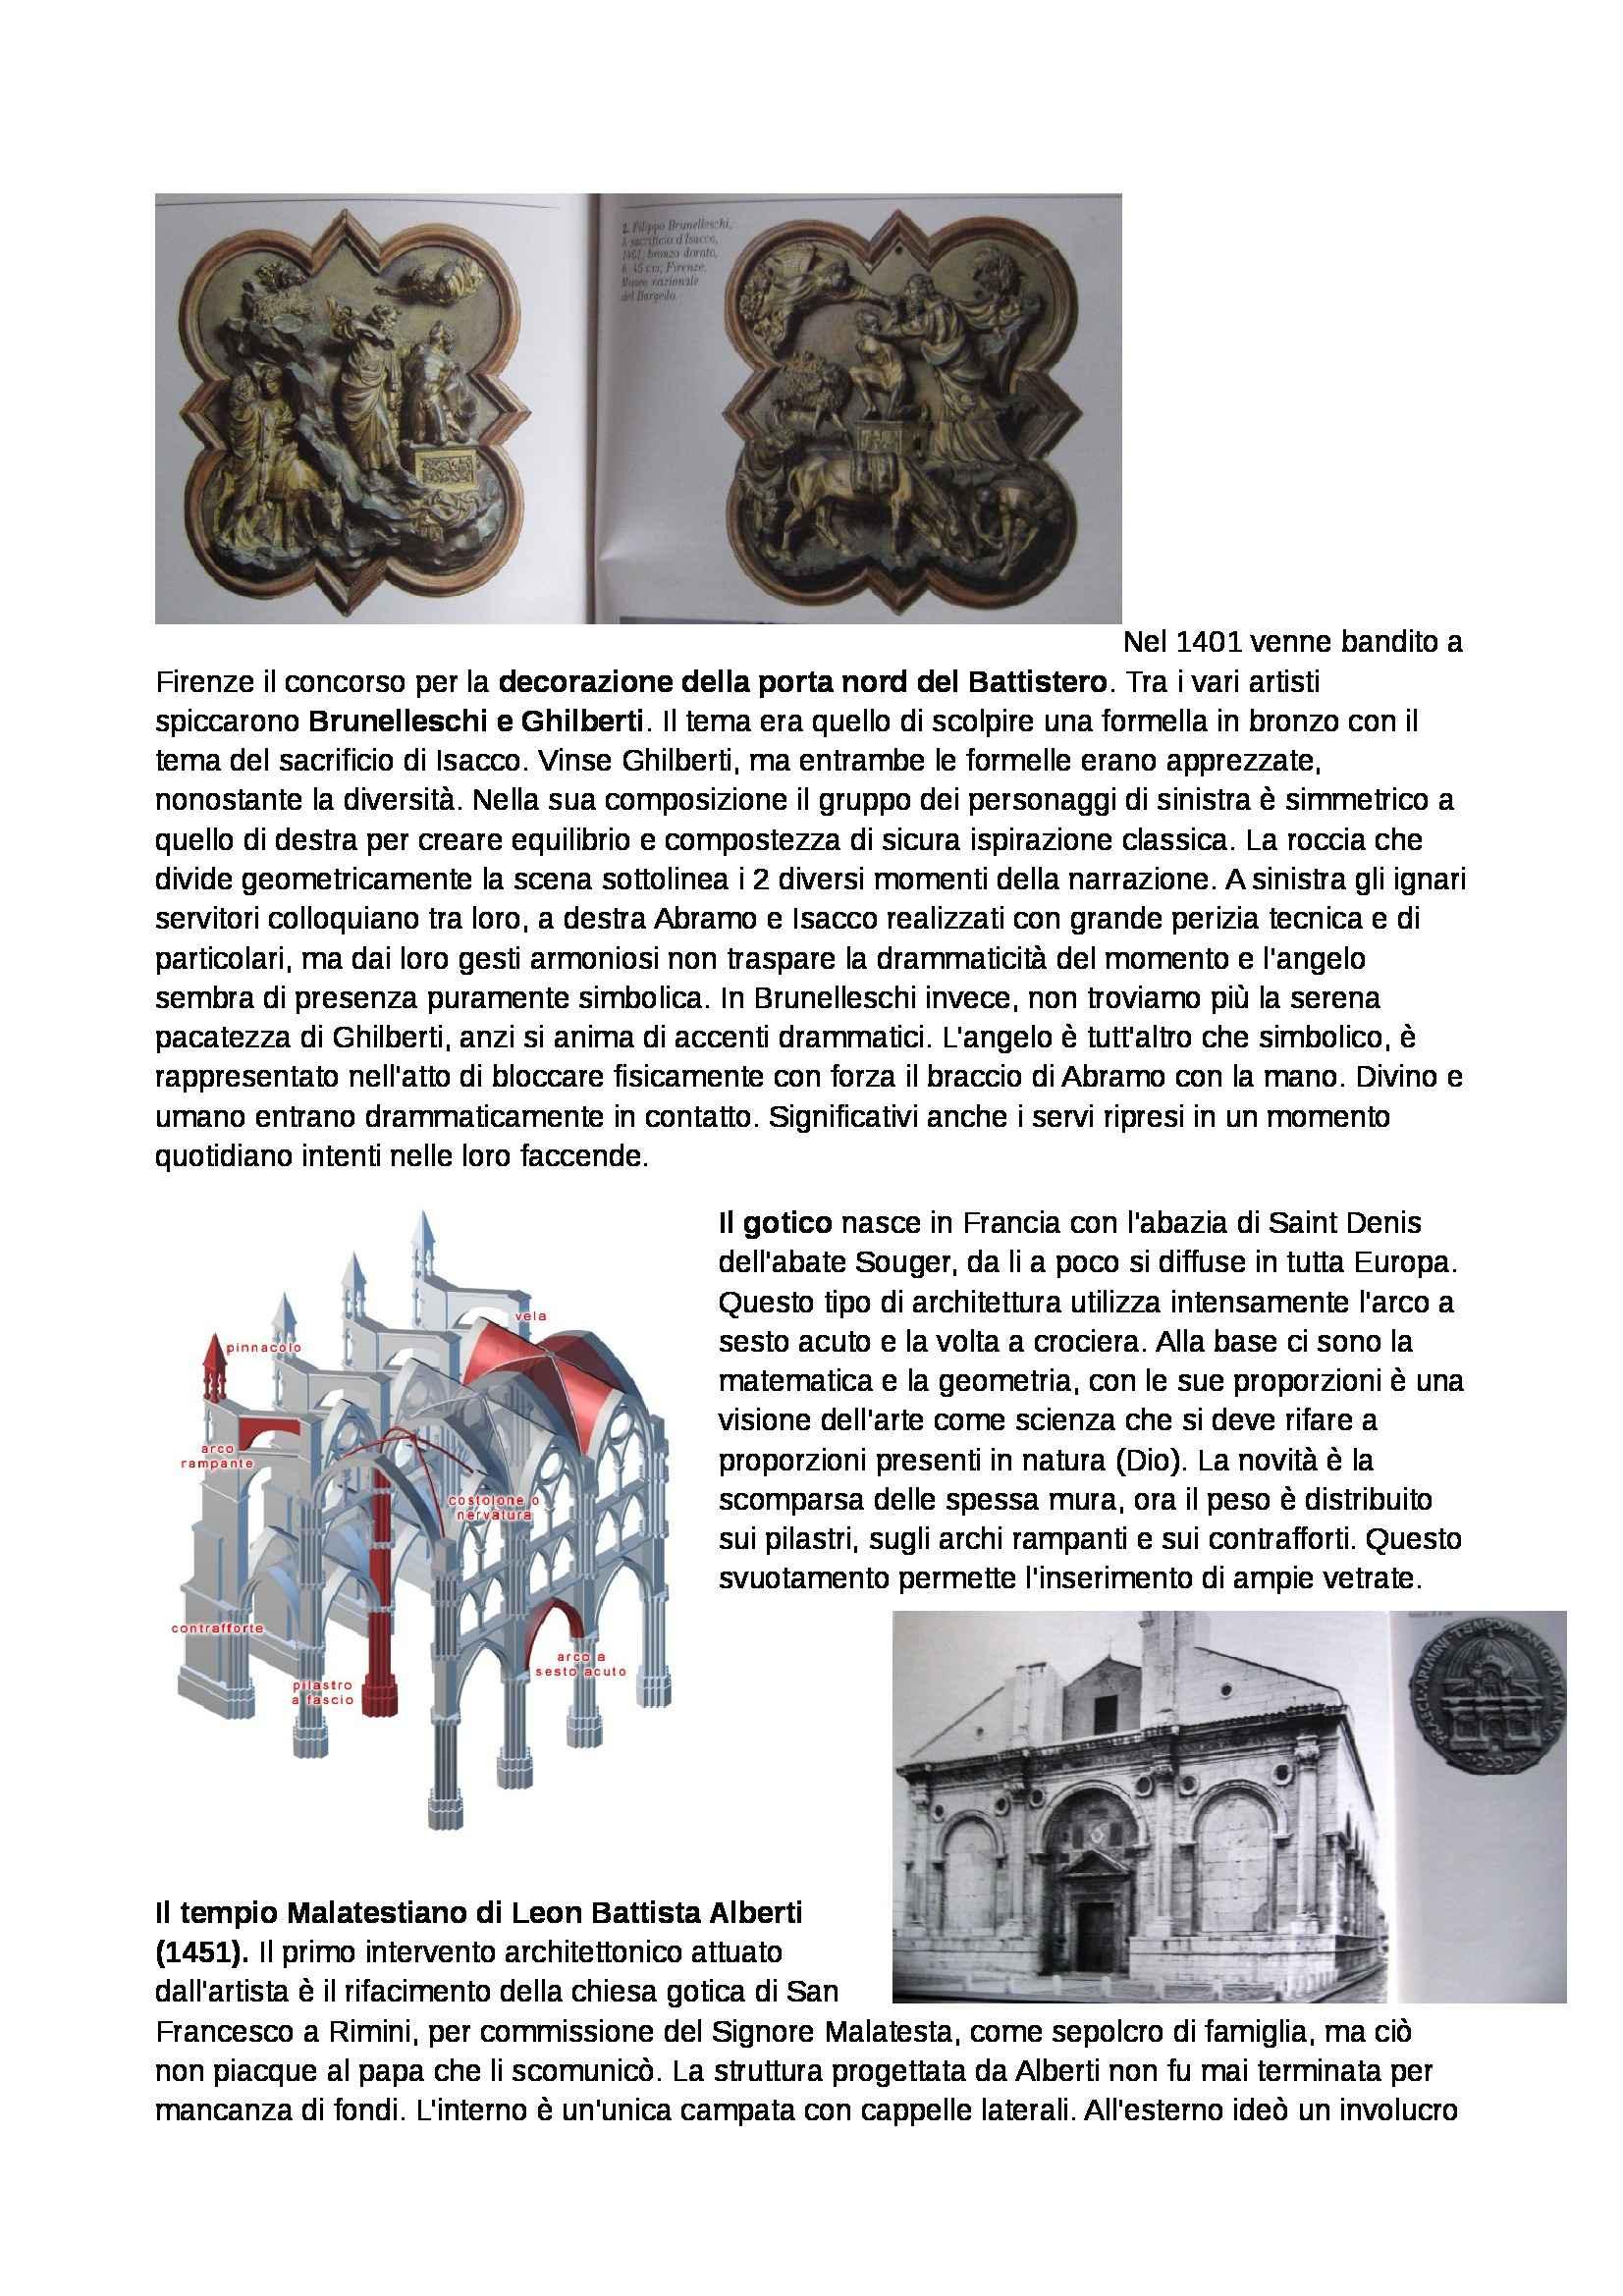 appunto S. Salvagnini Storia dell'arte